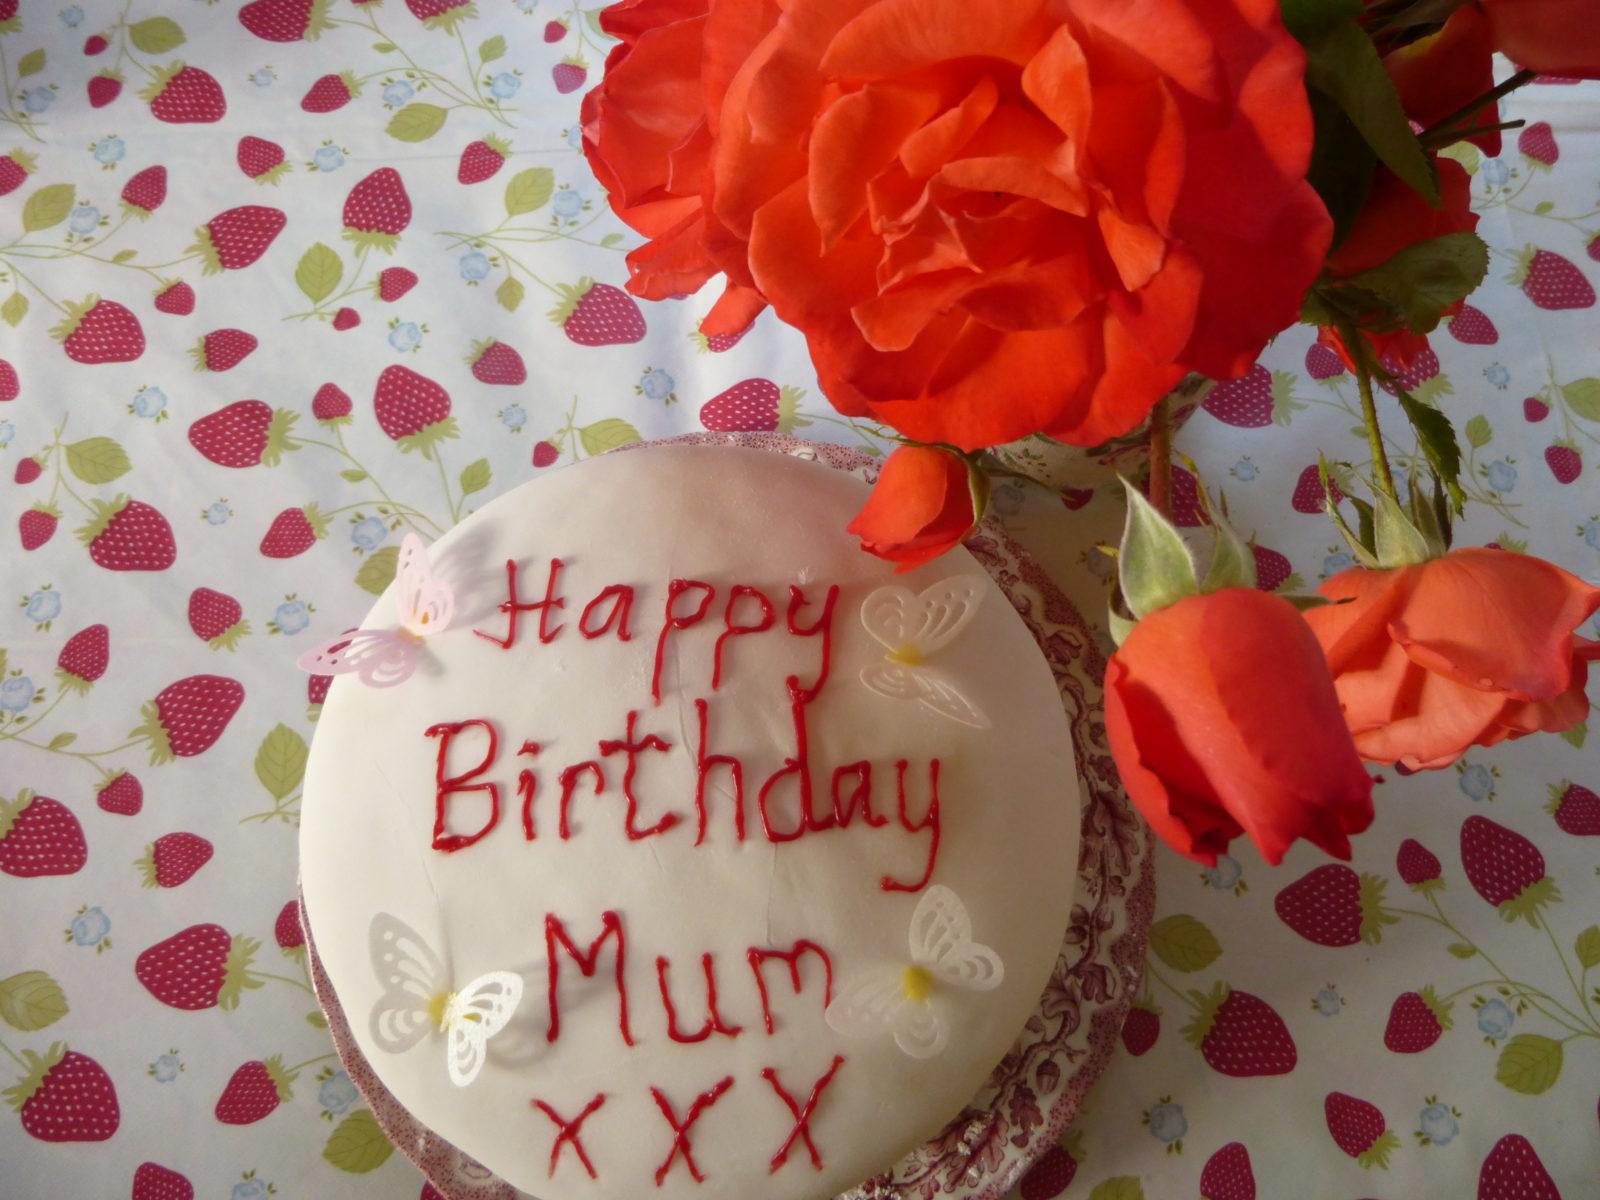 Birthday Victoria Sponge Cake